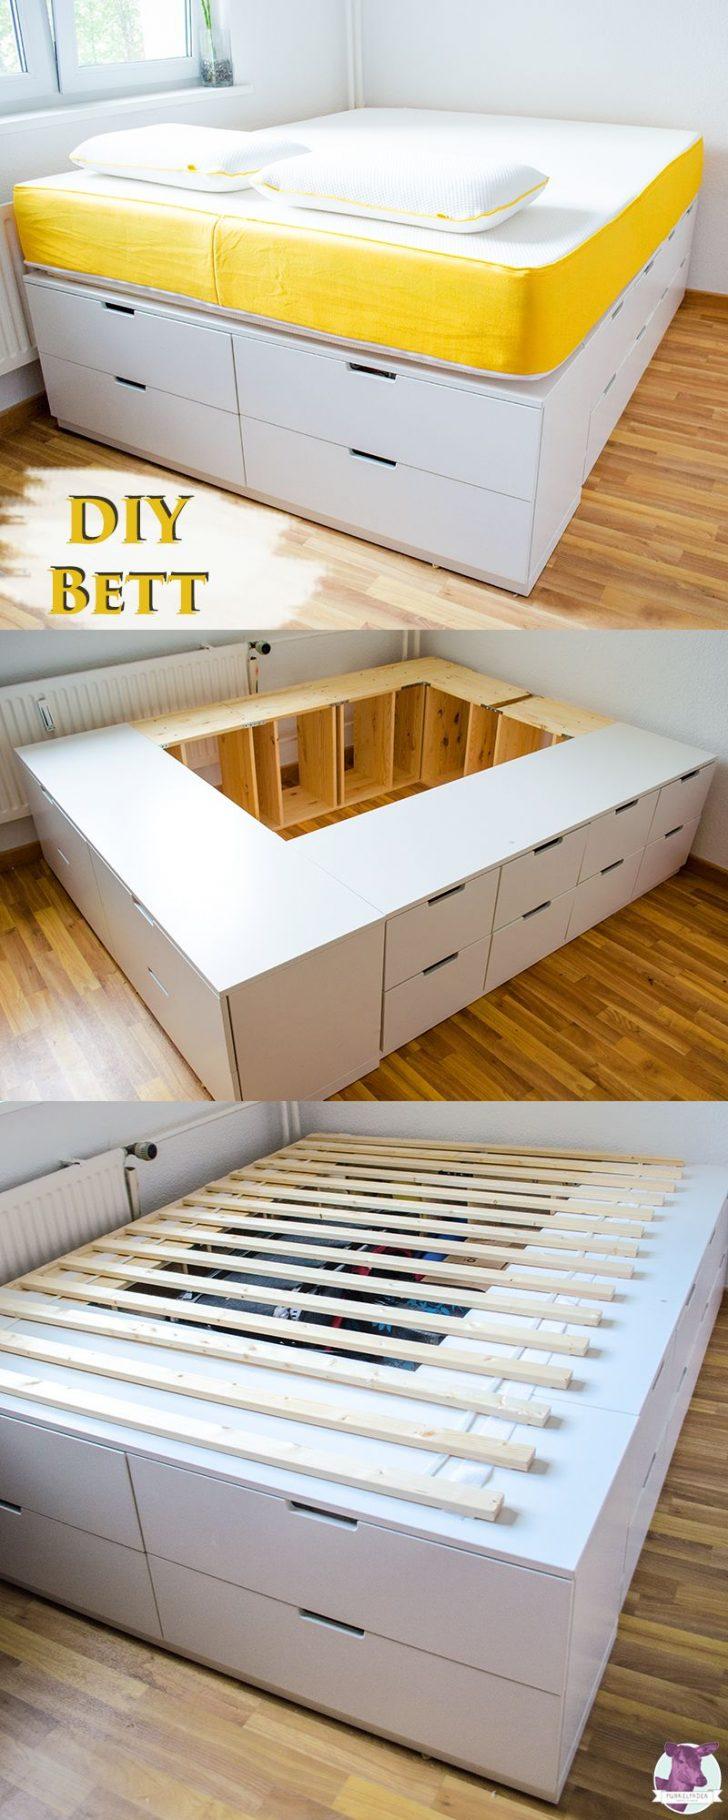 Medium Size of Einfaches Bett Selber Bauen Diy Ikea Hack Plattform Aus Kommoden 160x200 Mit Lattenrost Trends Betten Weiß 180x200 Matratze Und Rattan 140x200 Jabo Bette Wohnzimmer Einfaches Bett Selber Bauen